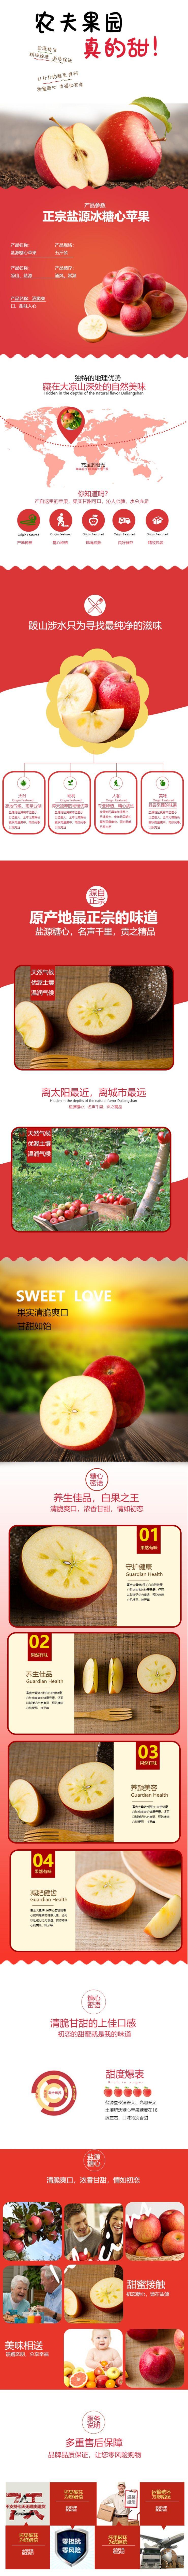 红色清新简约百货零售生鲜水果苹果促销电商详情页